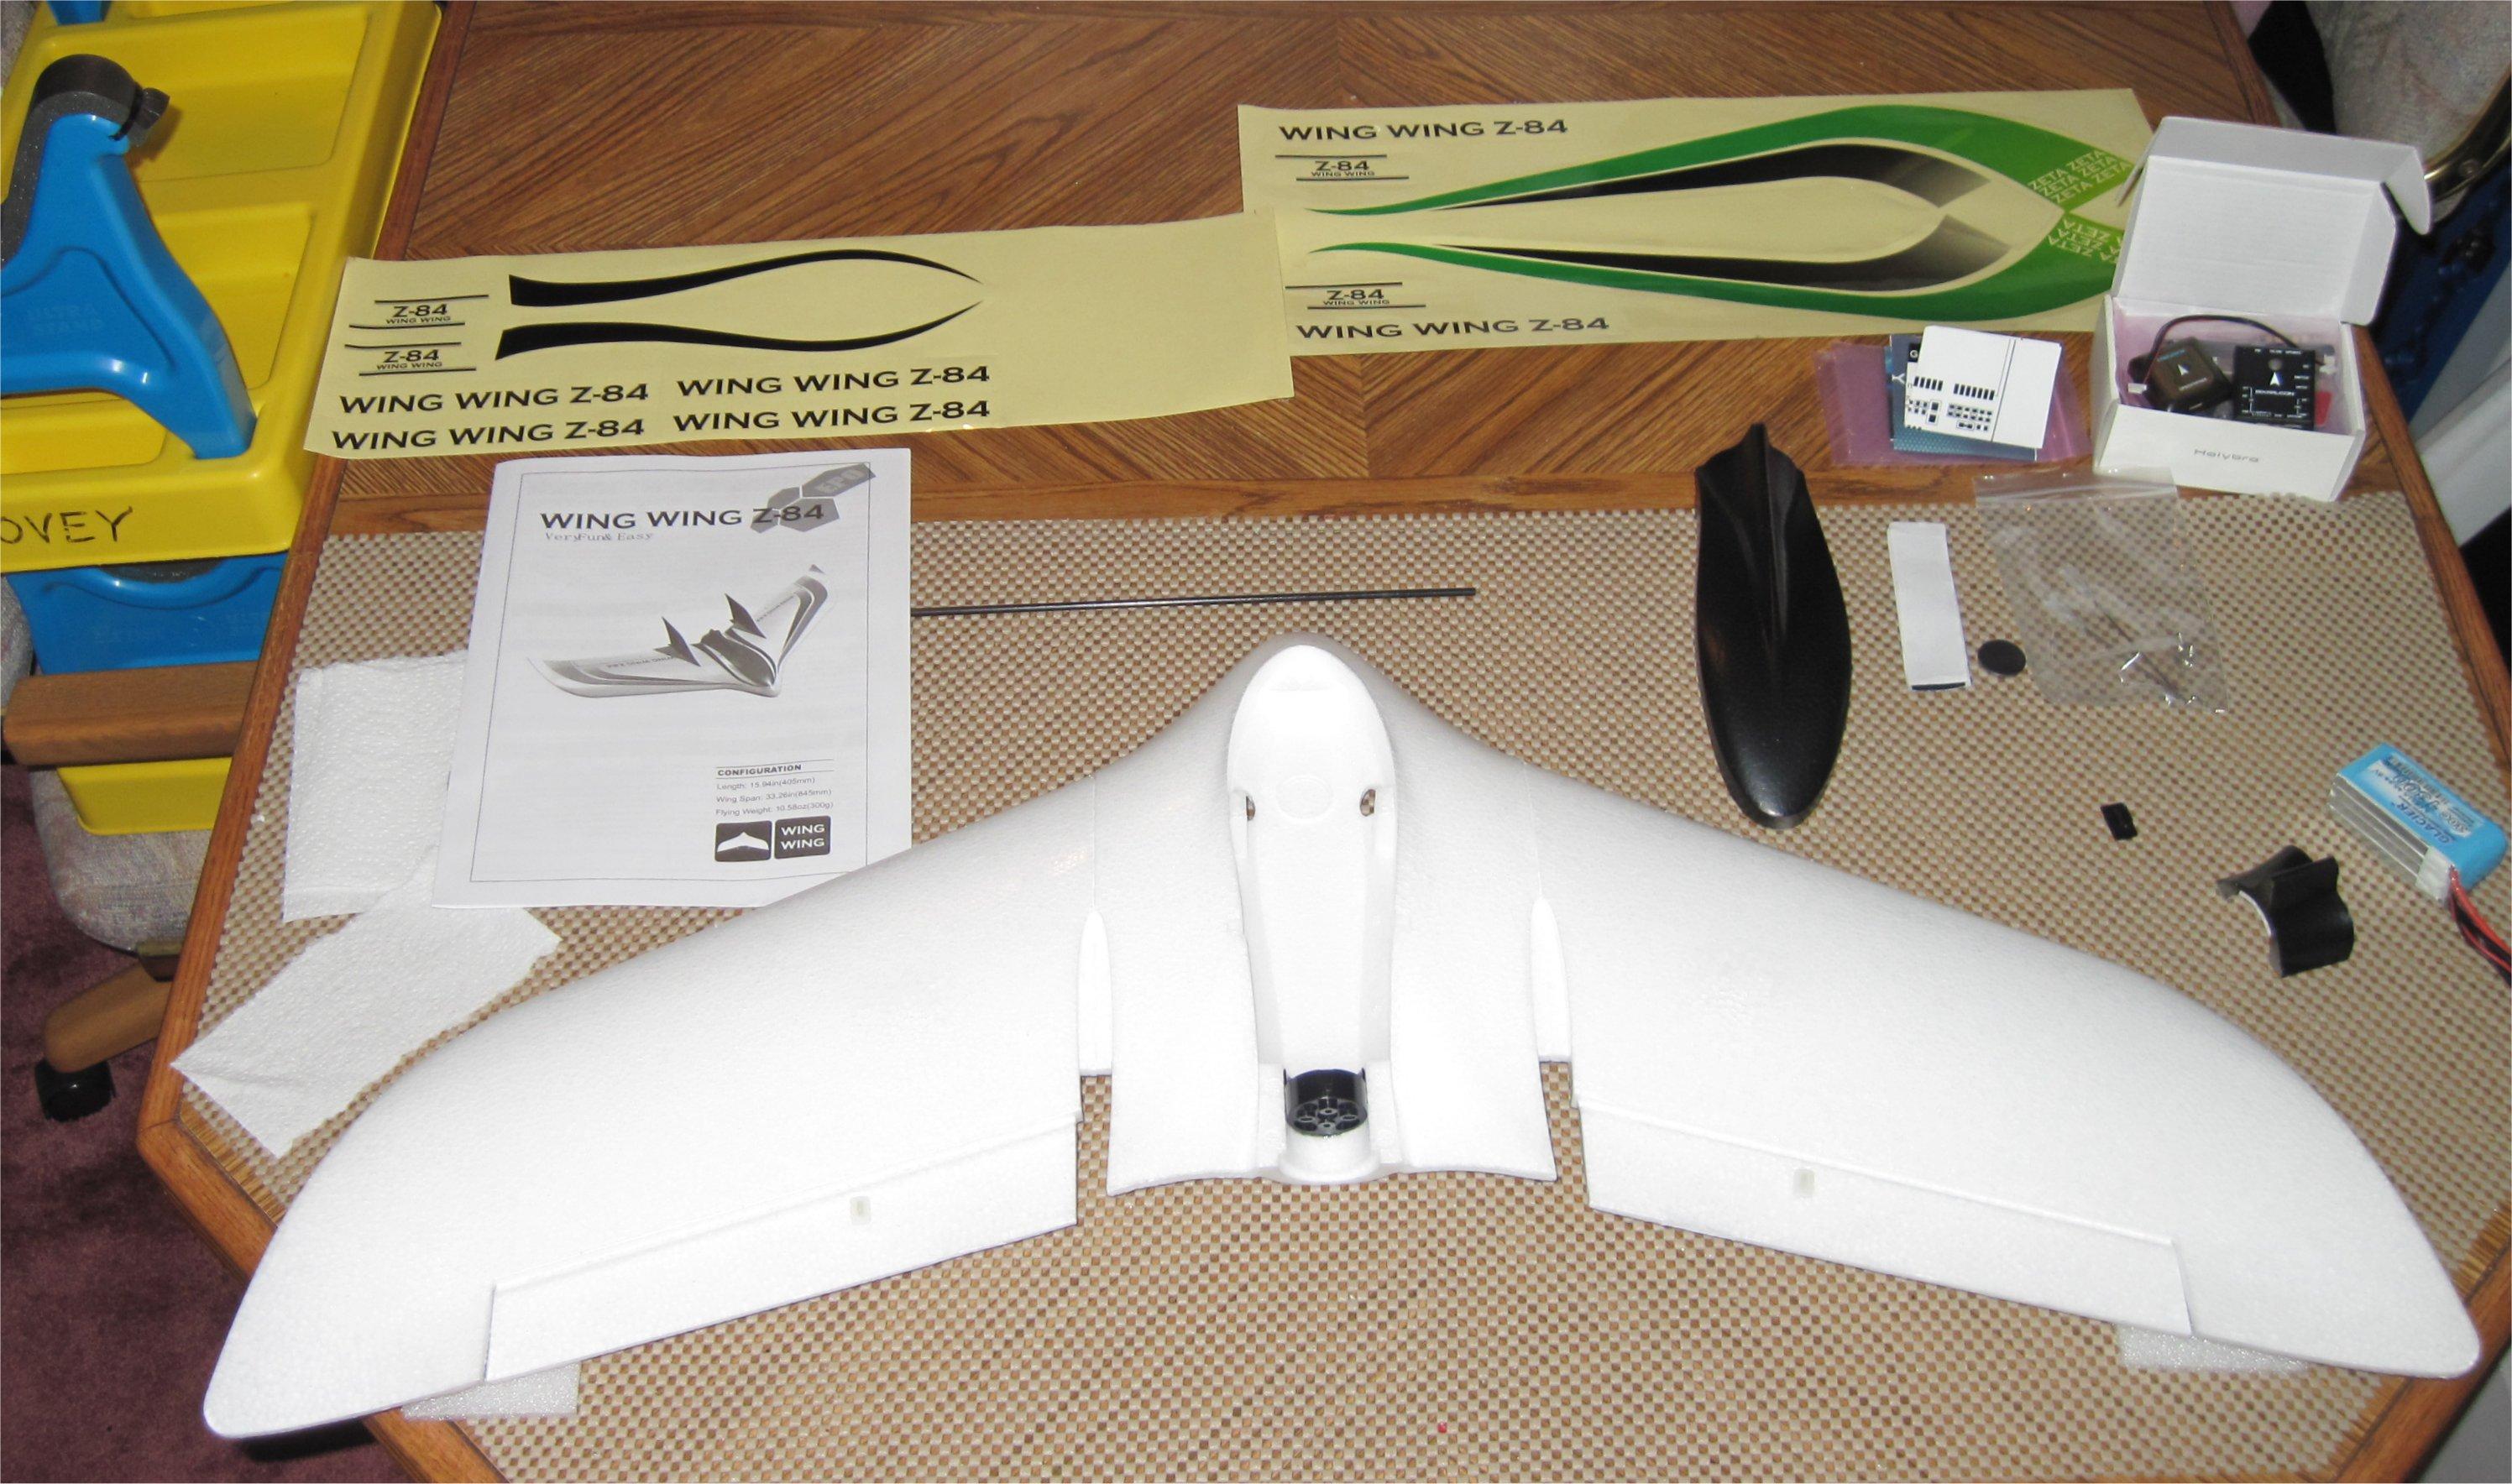 Wing Wing Z 84 Quadplane Conversion Plane 3 8 Ardupilot Discourse